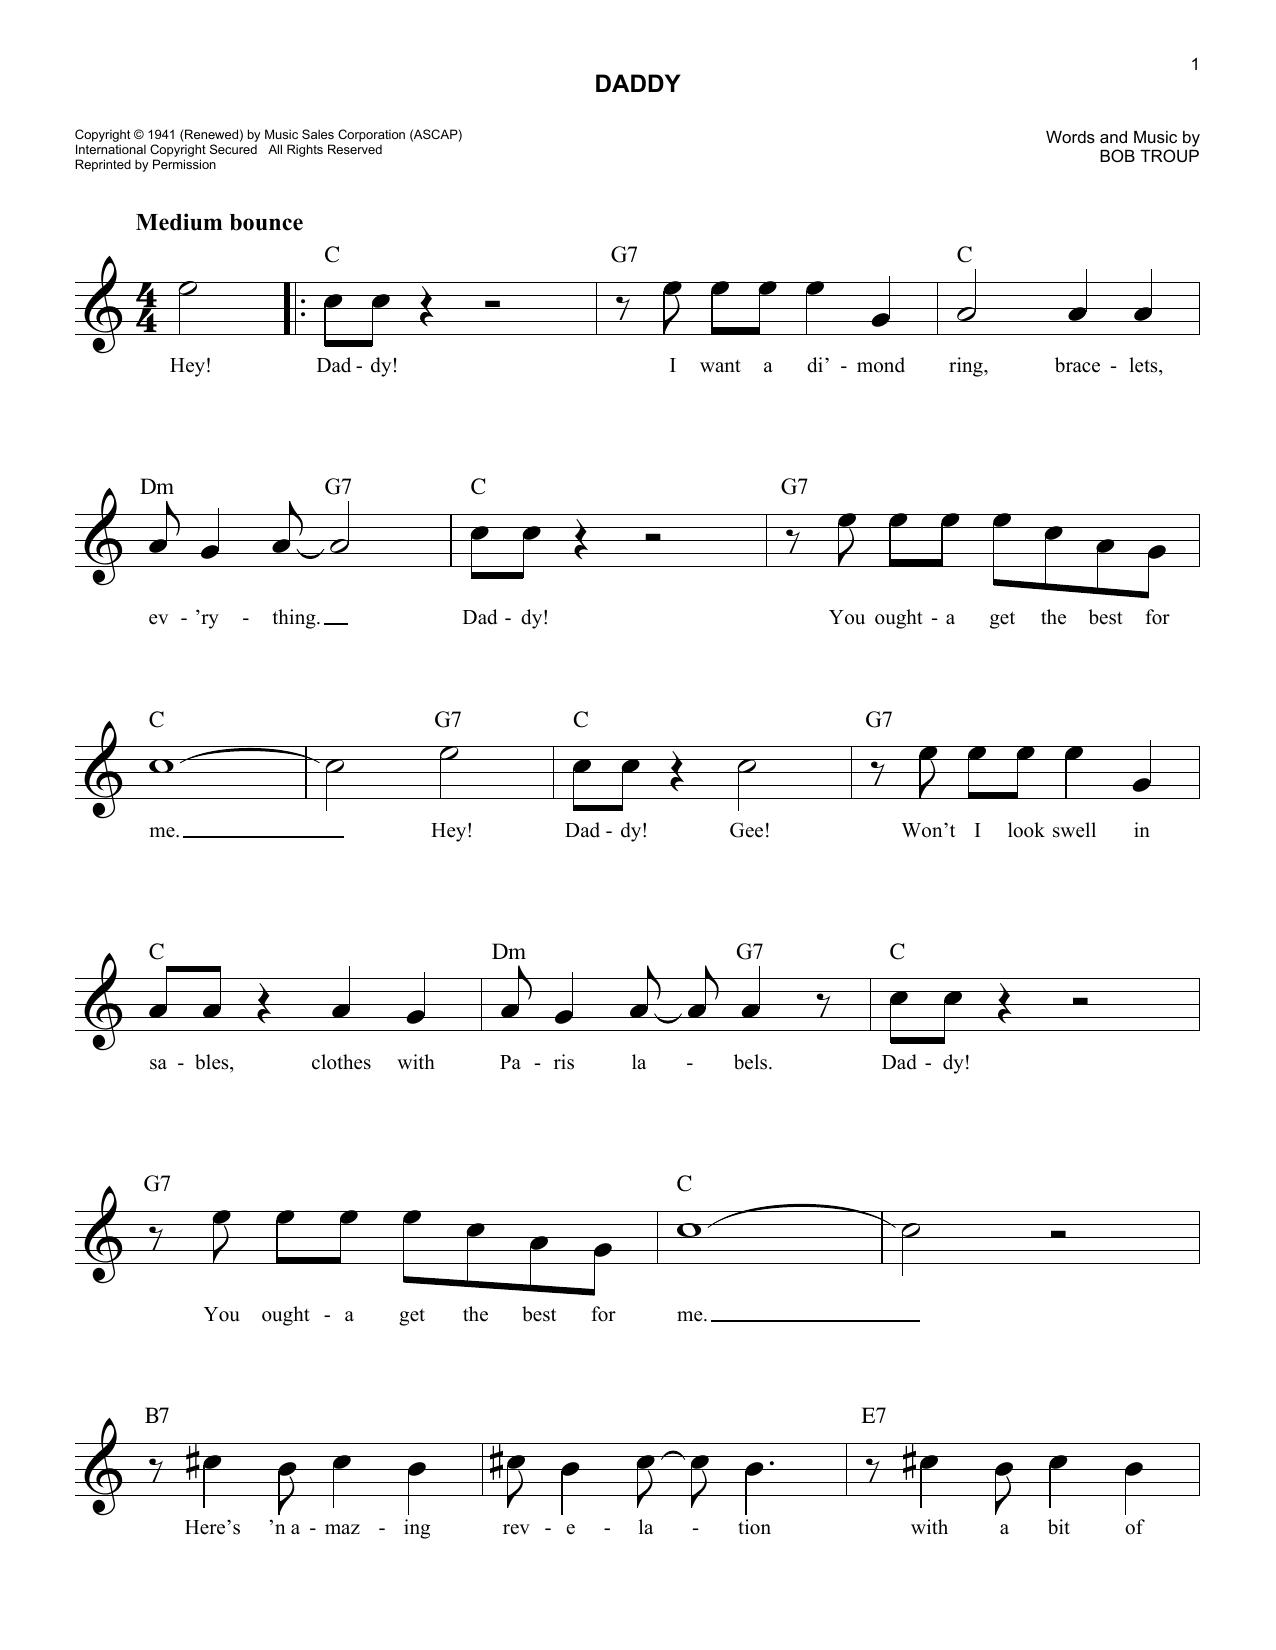 Daddy (Melody Line, Lyrics & Chords)